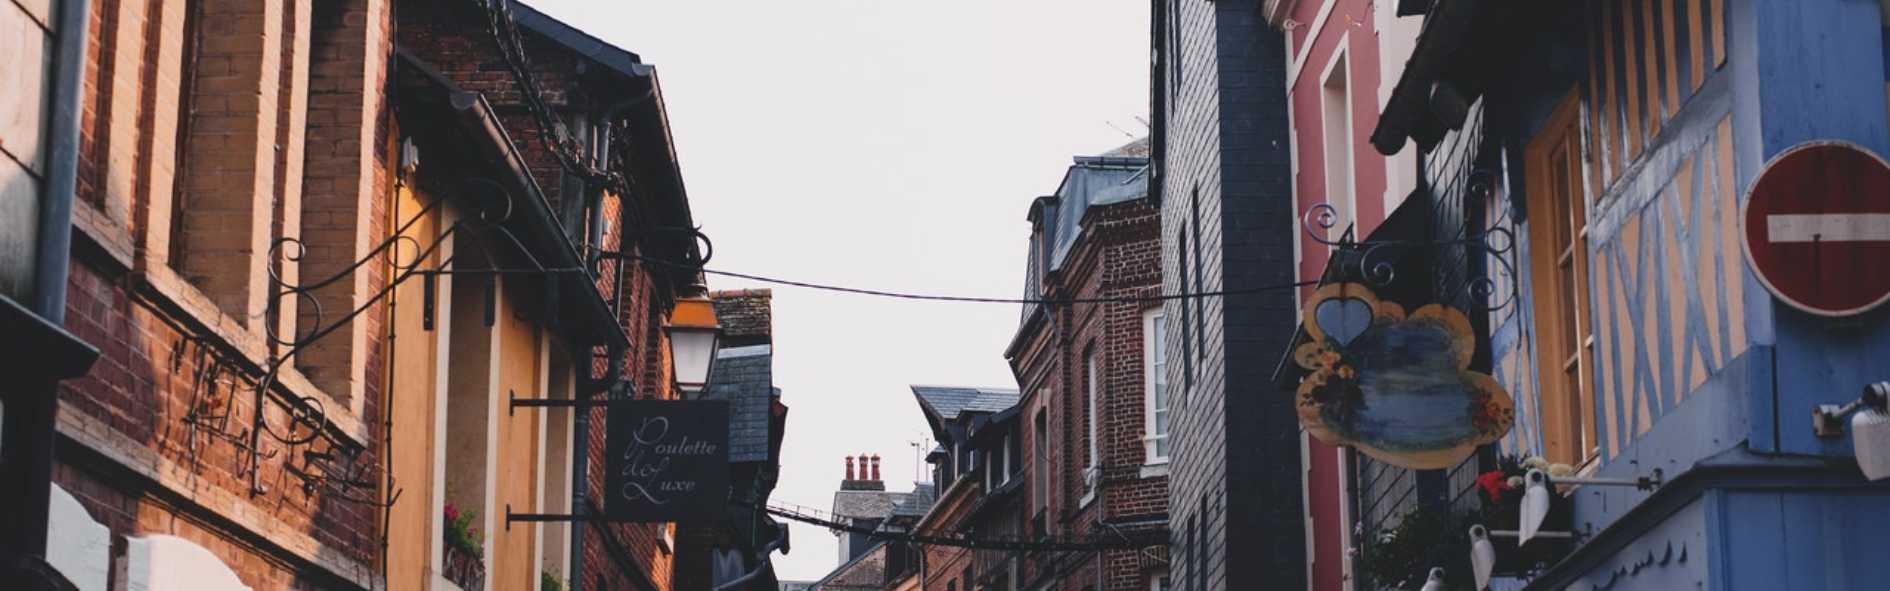 La rehabilitación de fachadas y su importancia